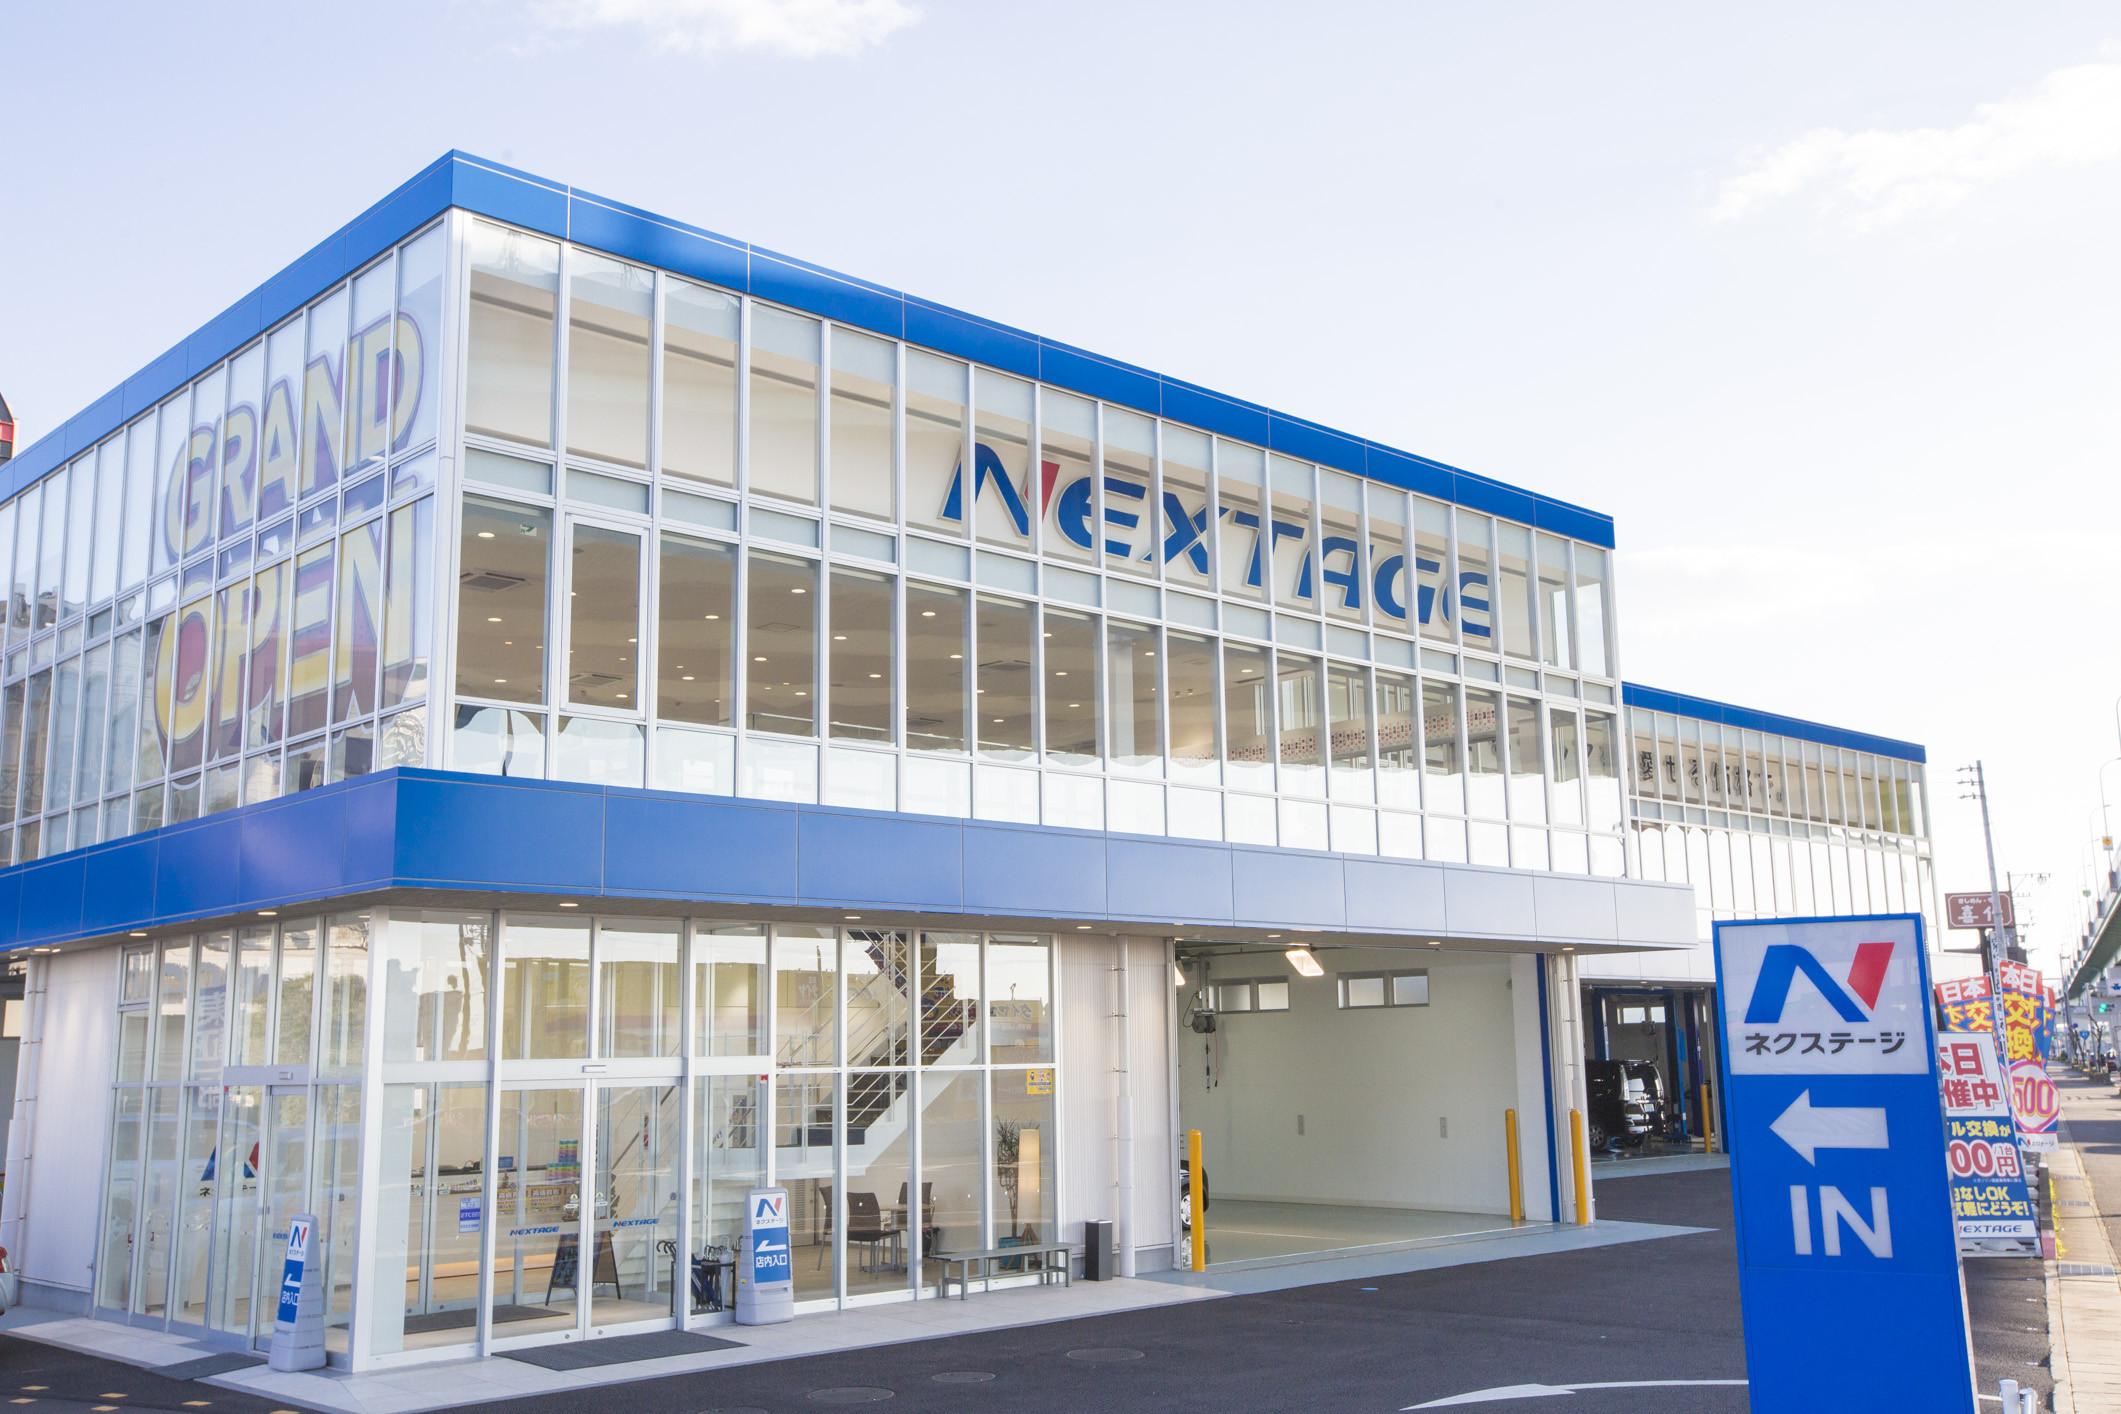 ネクステージ テクニカルセンター大高のアルバイト情報